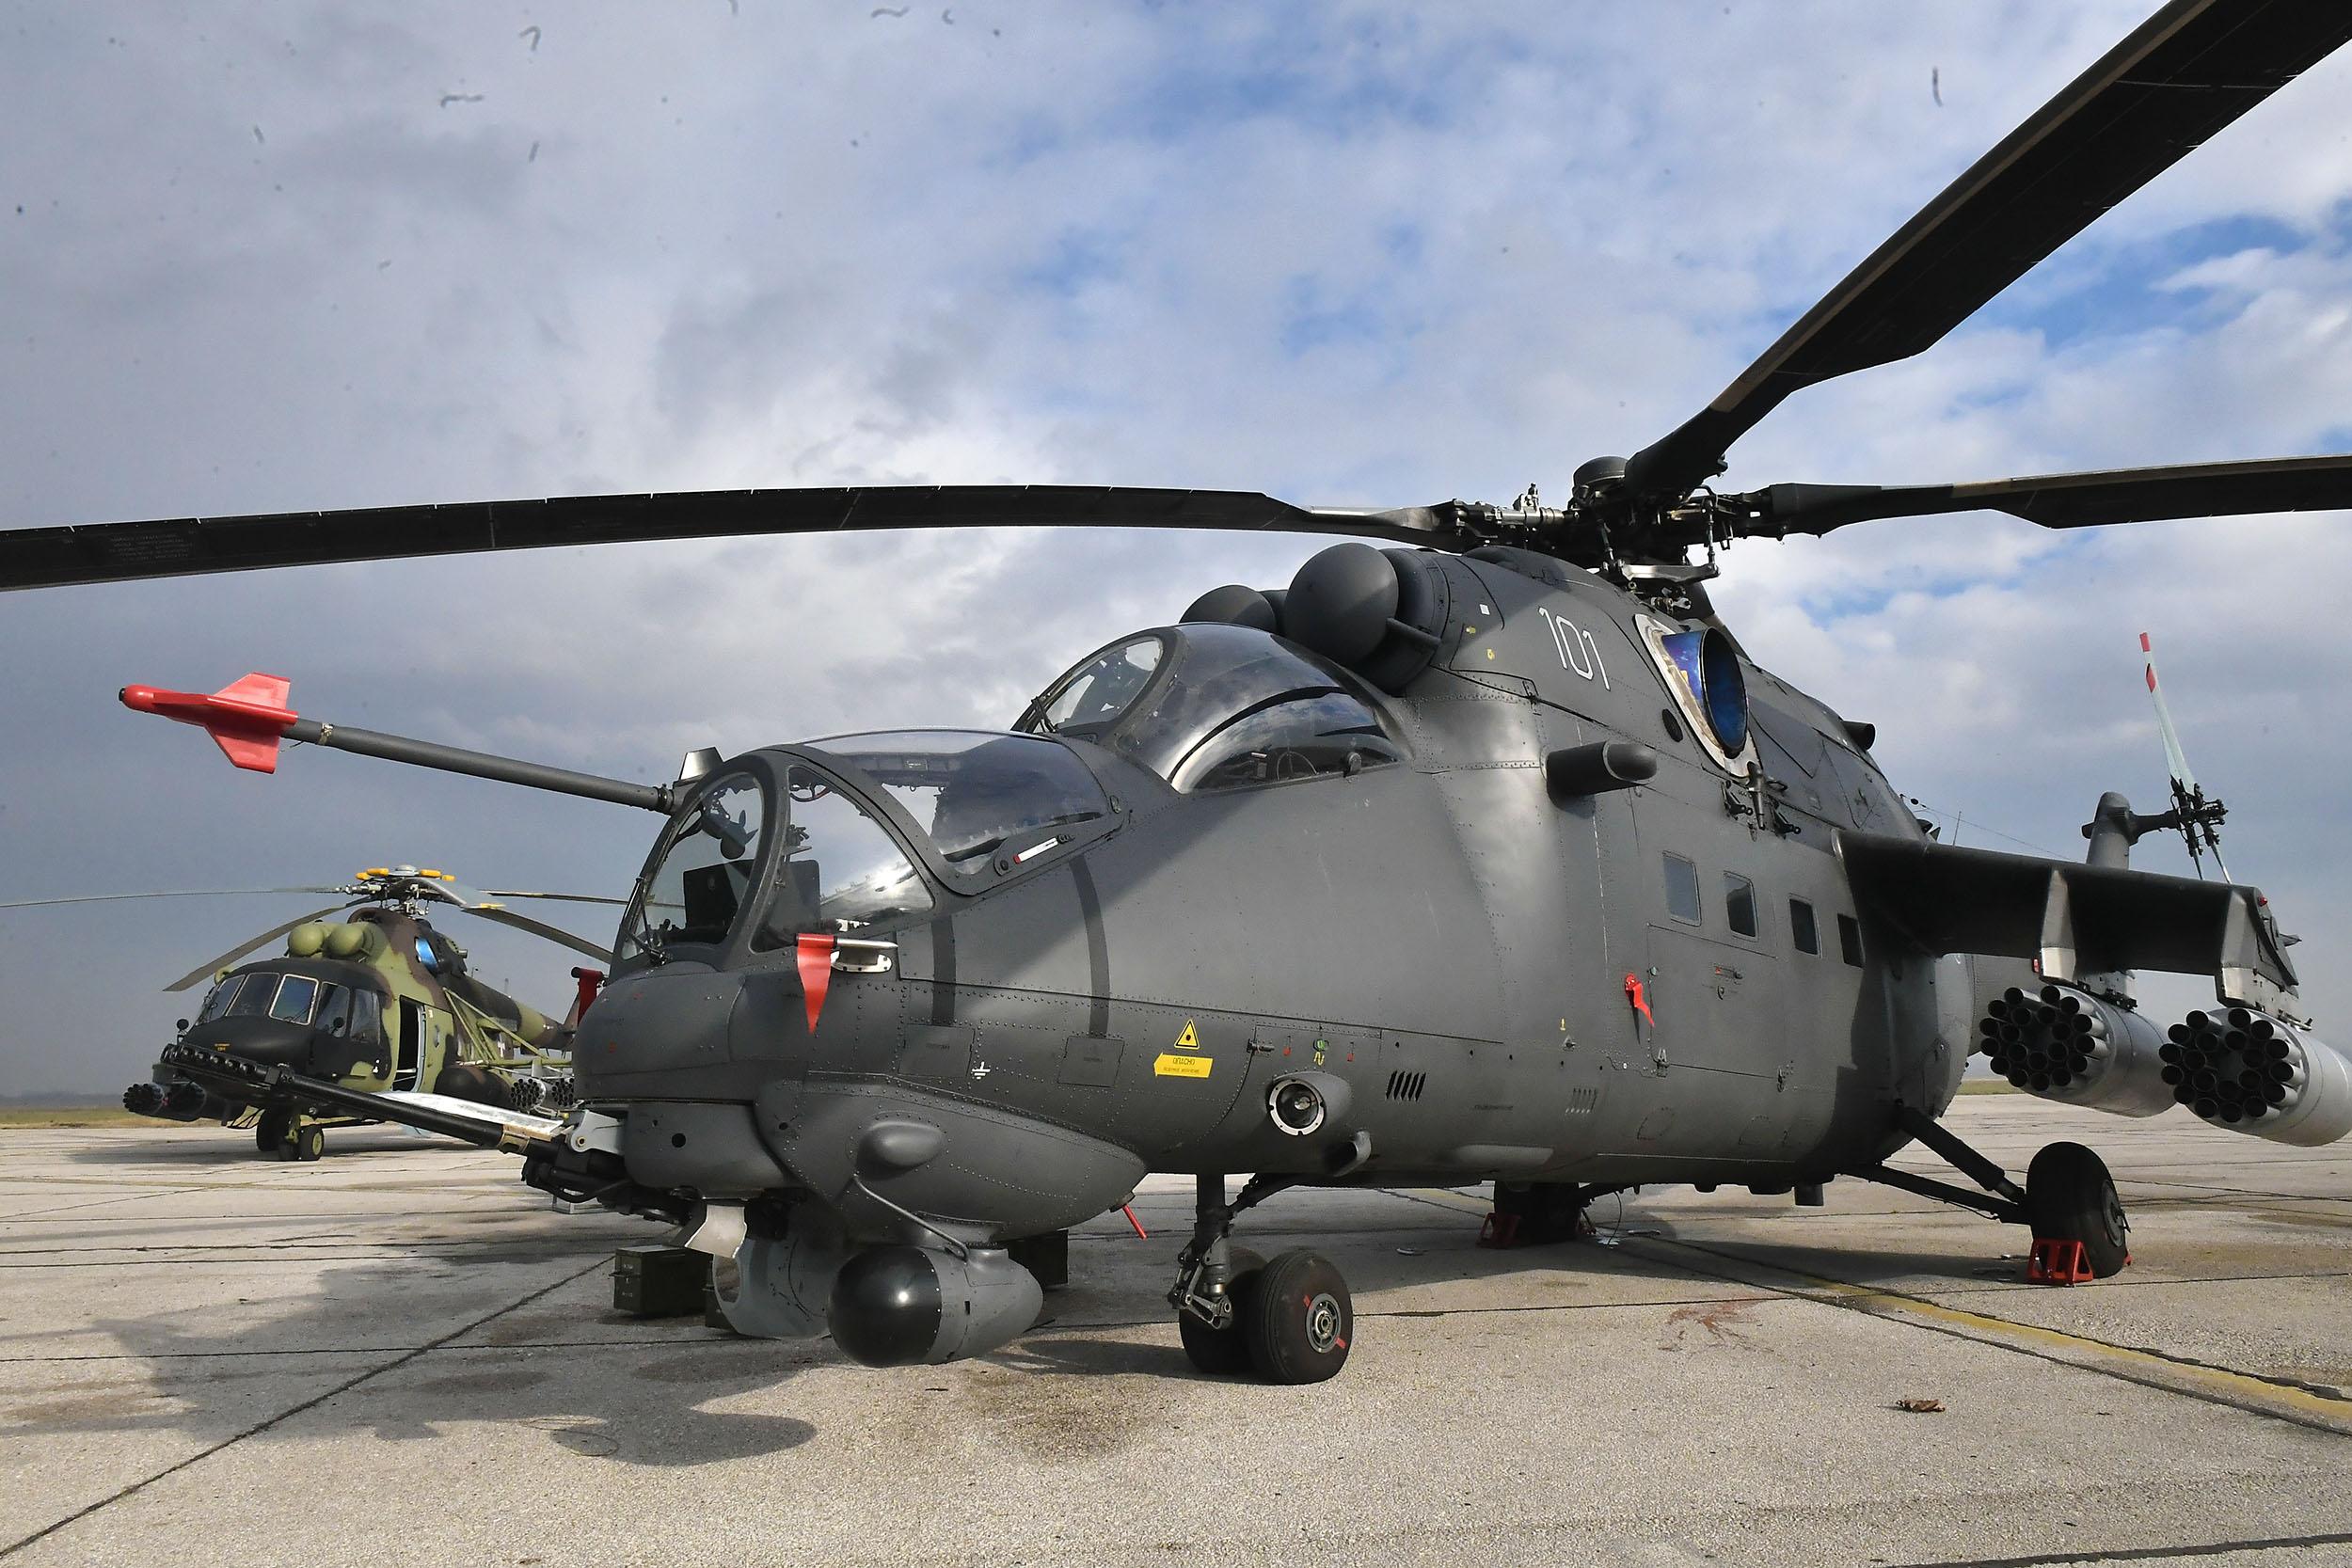 Сербия получила из России четыре боевых вертолета Ми-35М jov_5917_1575721119